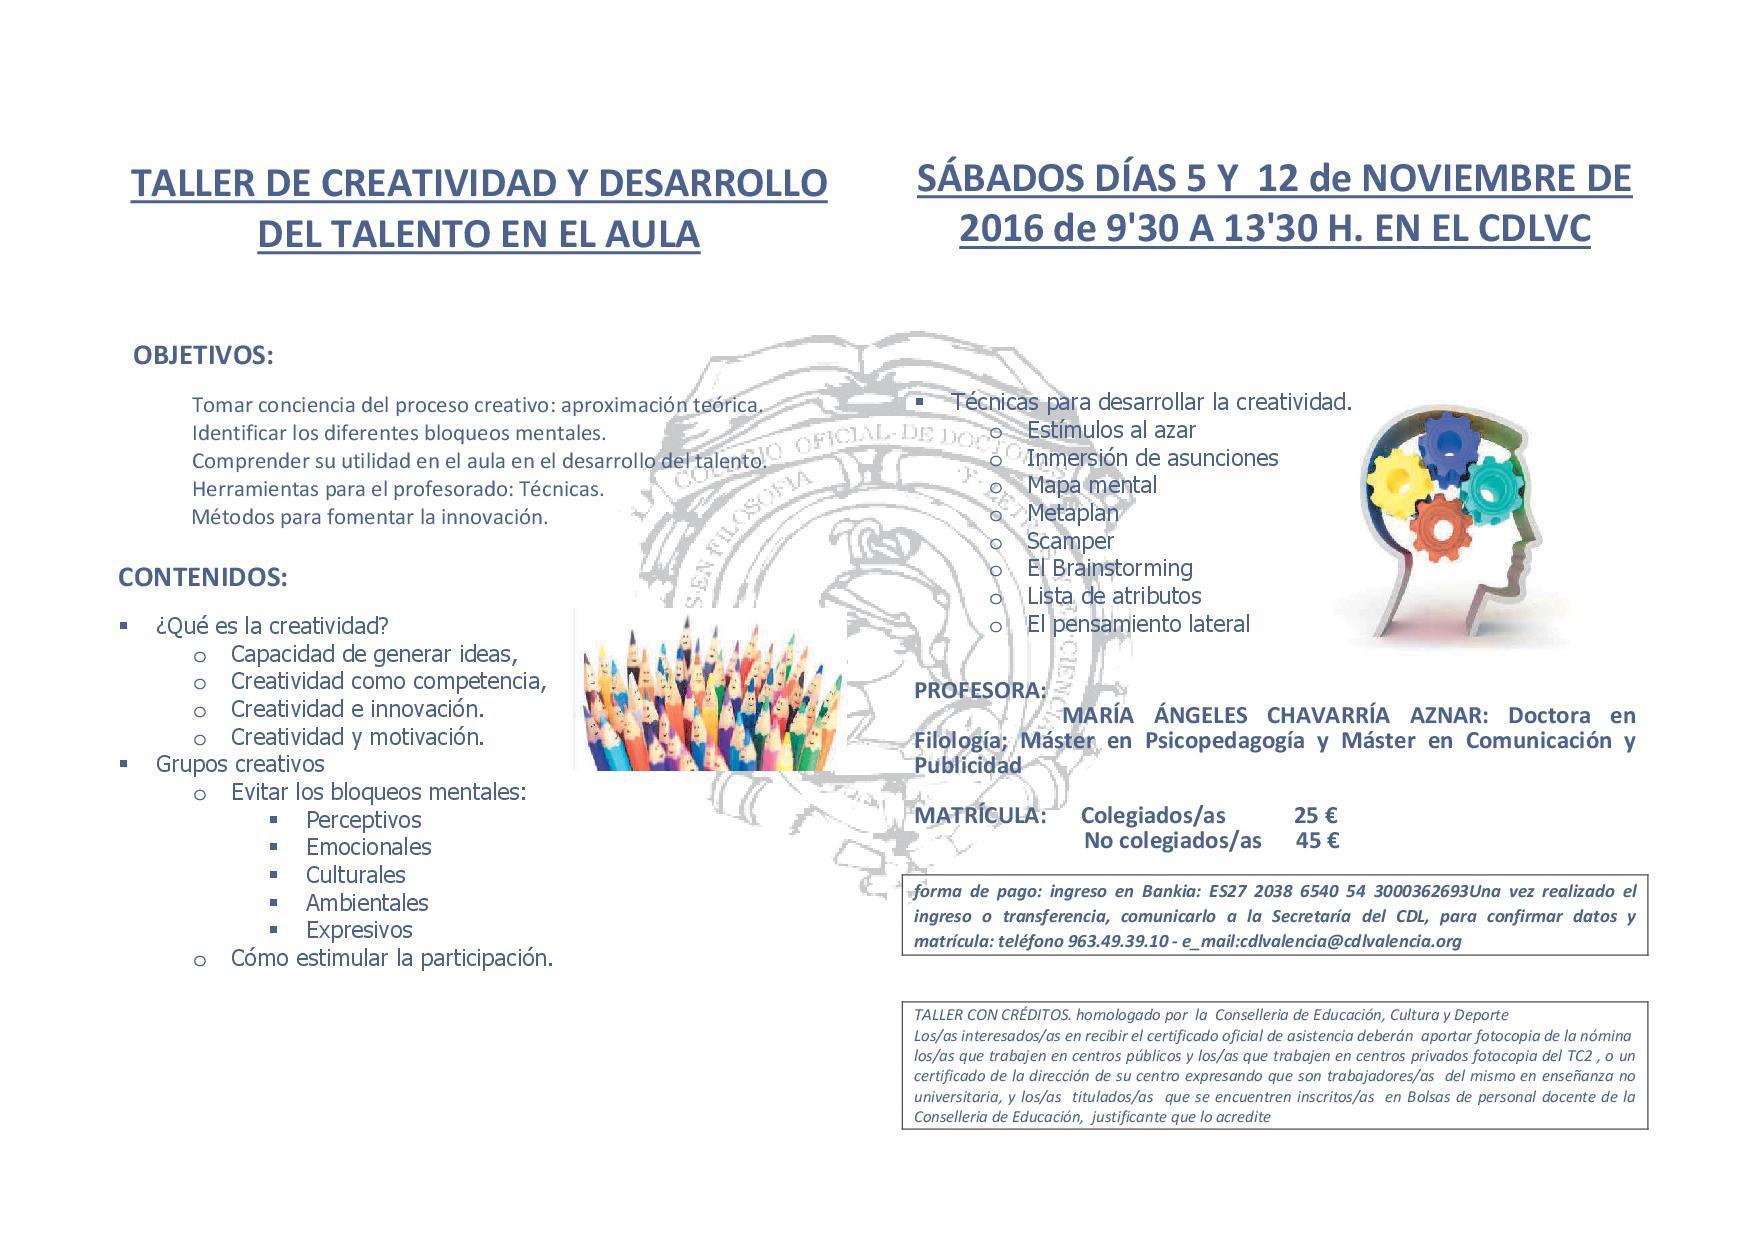 TALLER DE CREATIVIDAD Y DESARROLLO